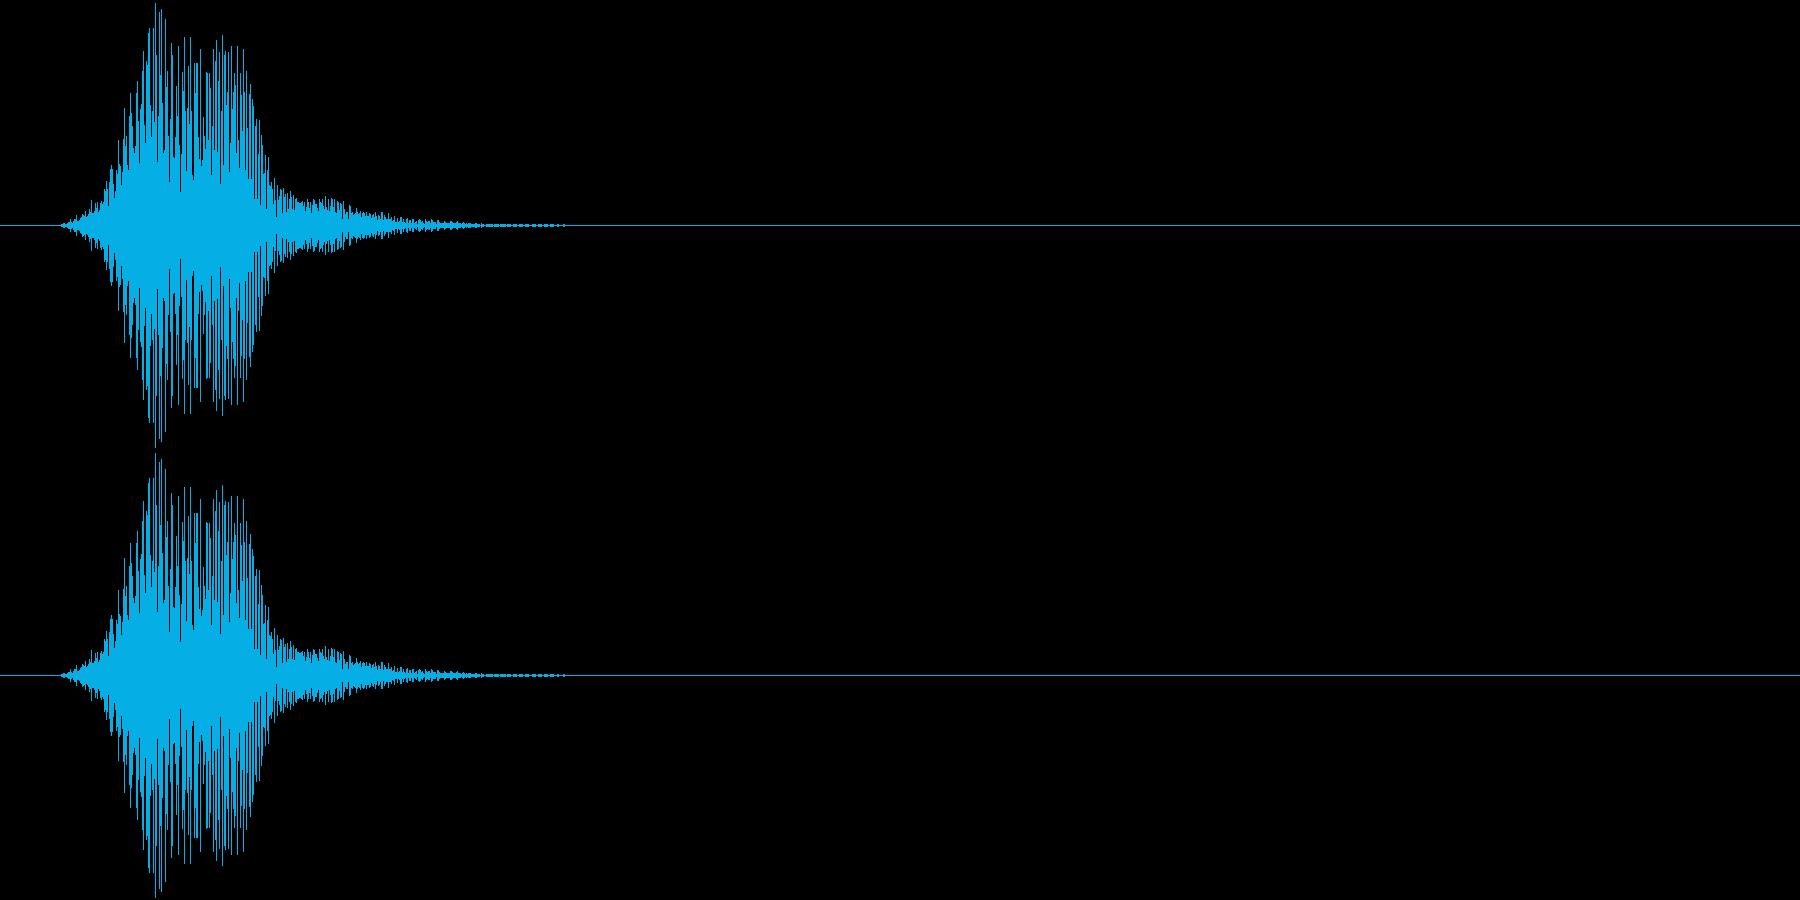 フォン(入力失敗 ワープ バーチャル) の再生済みの波形